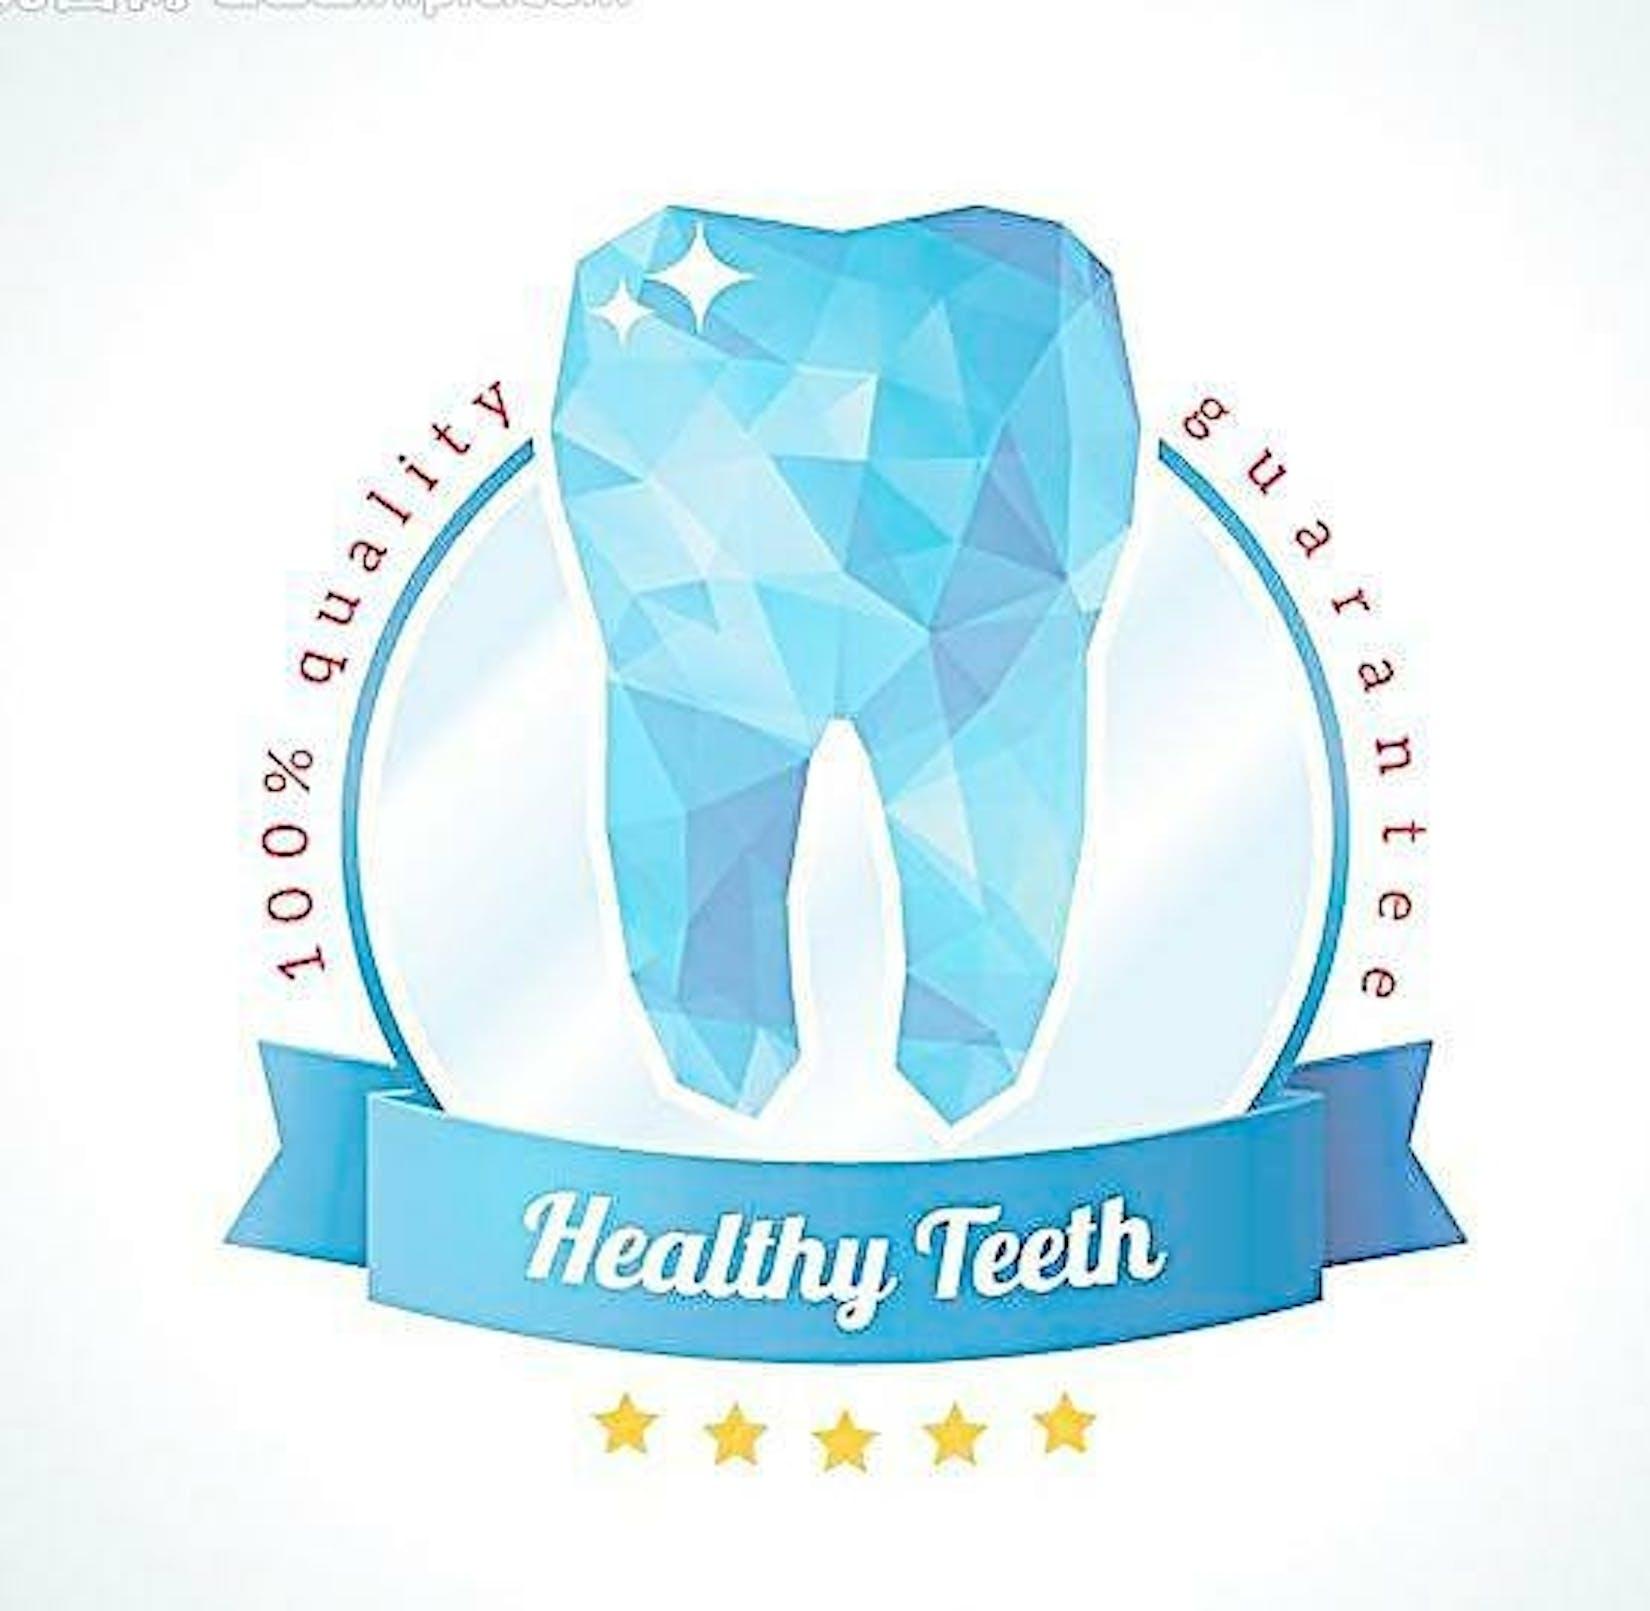 Hnin Sandar Dental Clinic | Medical